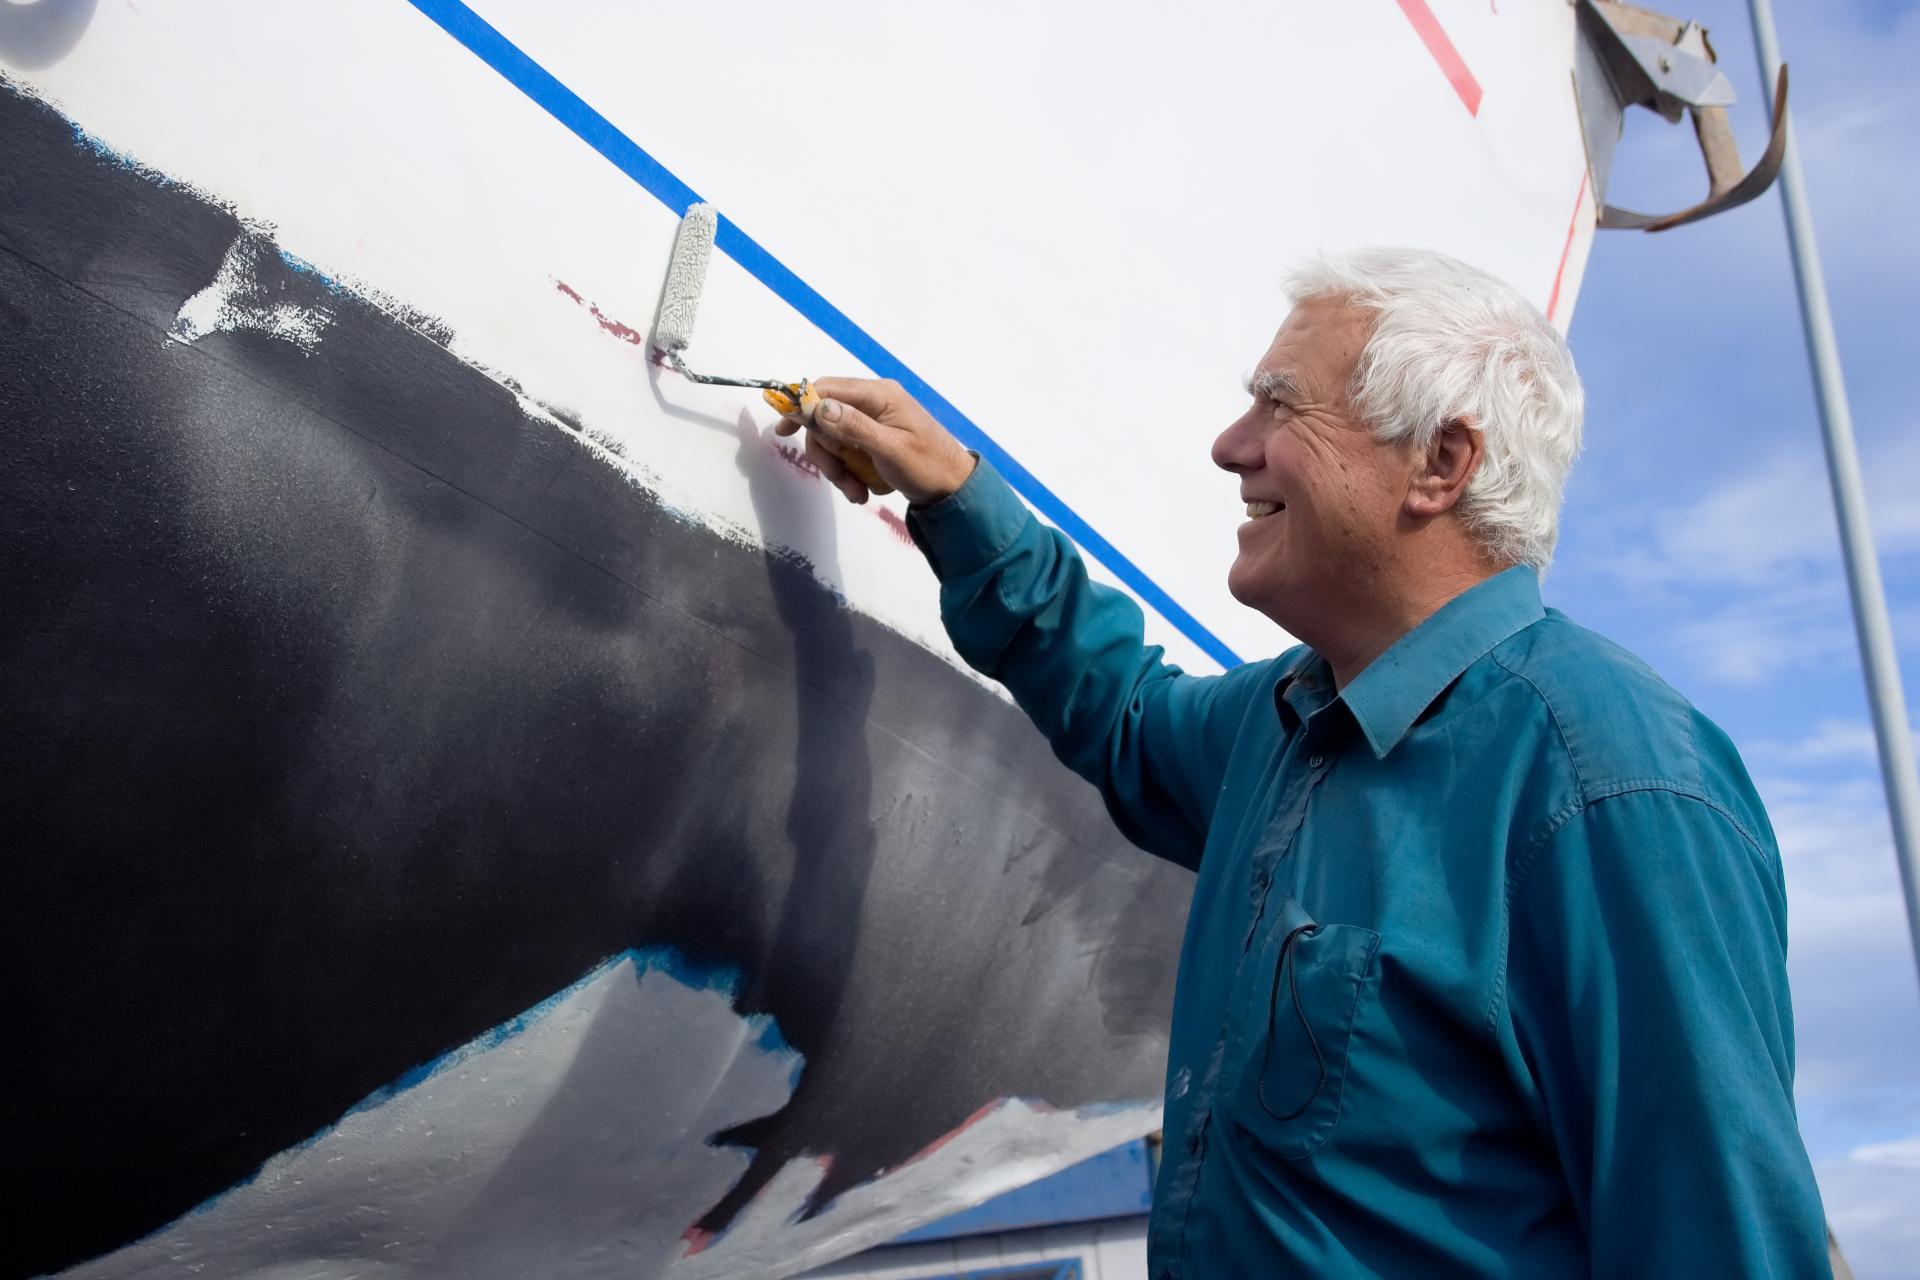 Especialistas en pintura náutica